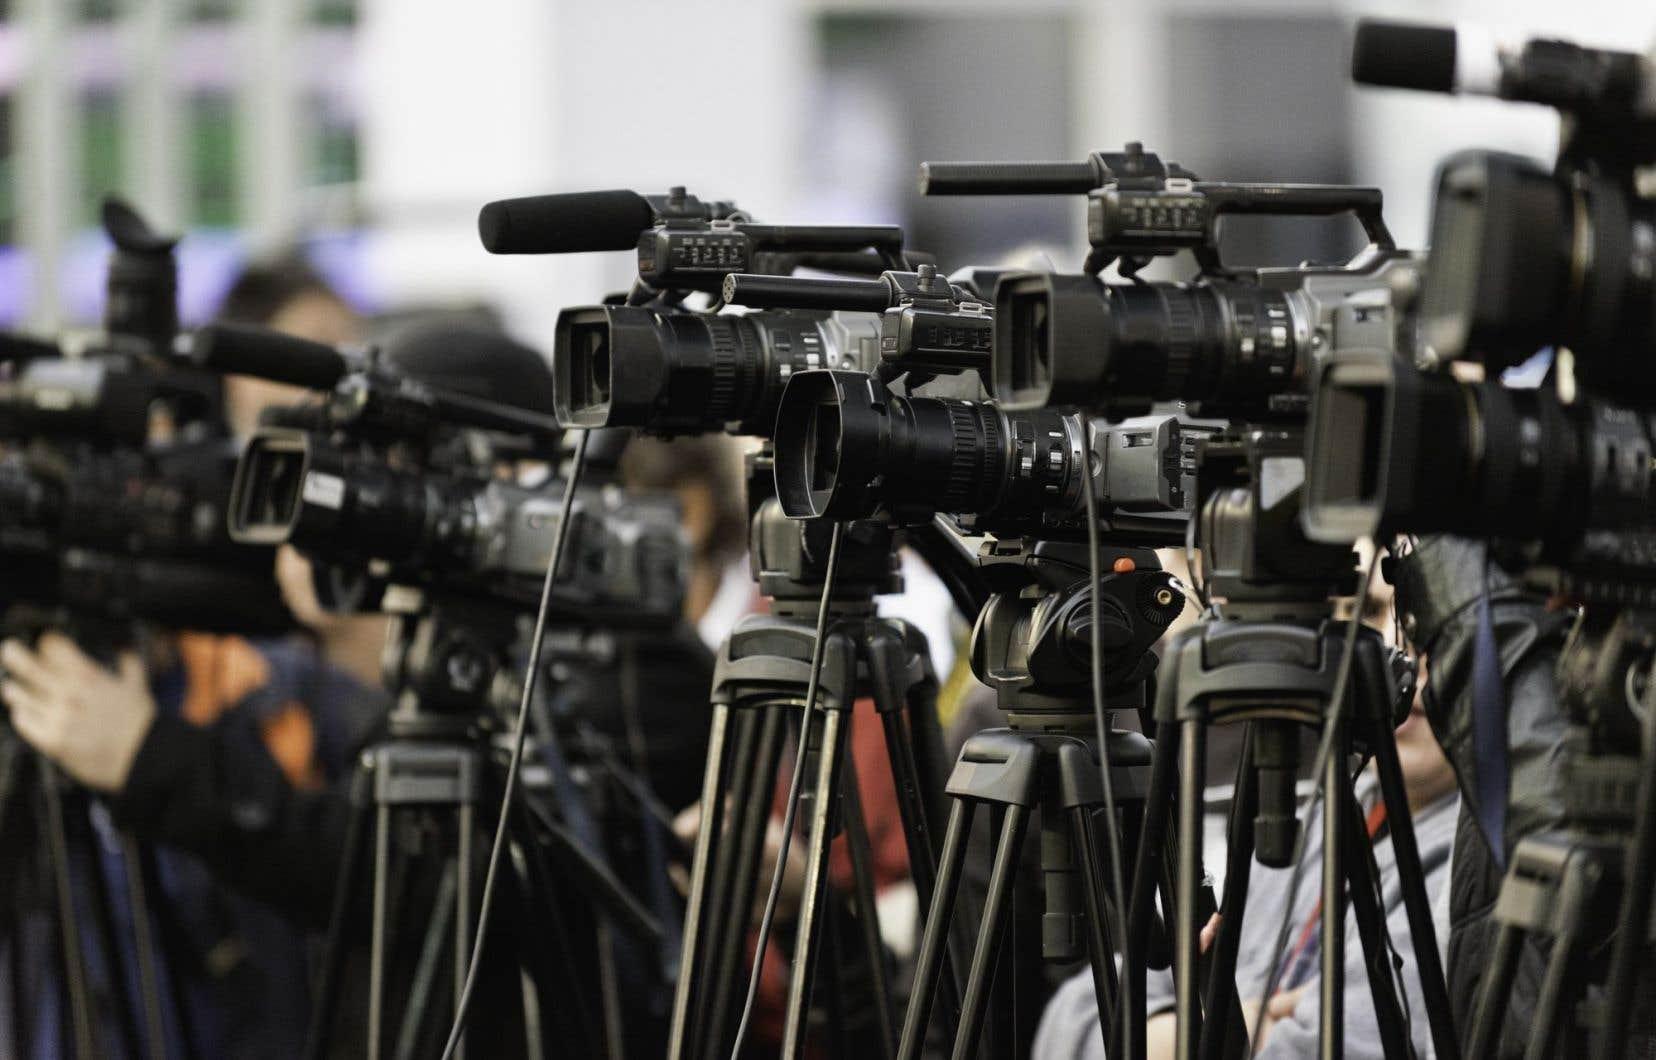 Devant la prolifération des fausses nouvelles, la course au scoop qui mène parfois à certains dérapages et les cas de plagiat, la méfiance du public envers les médias ne cesse de grandir.